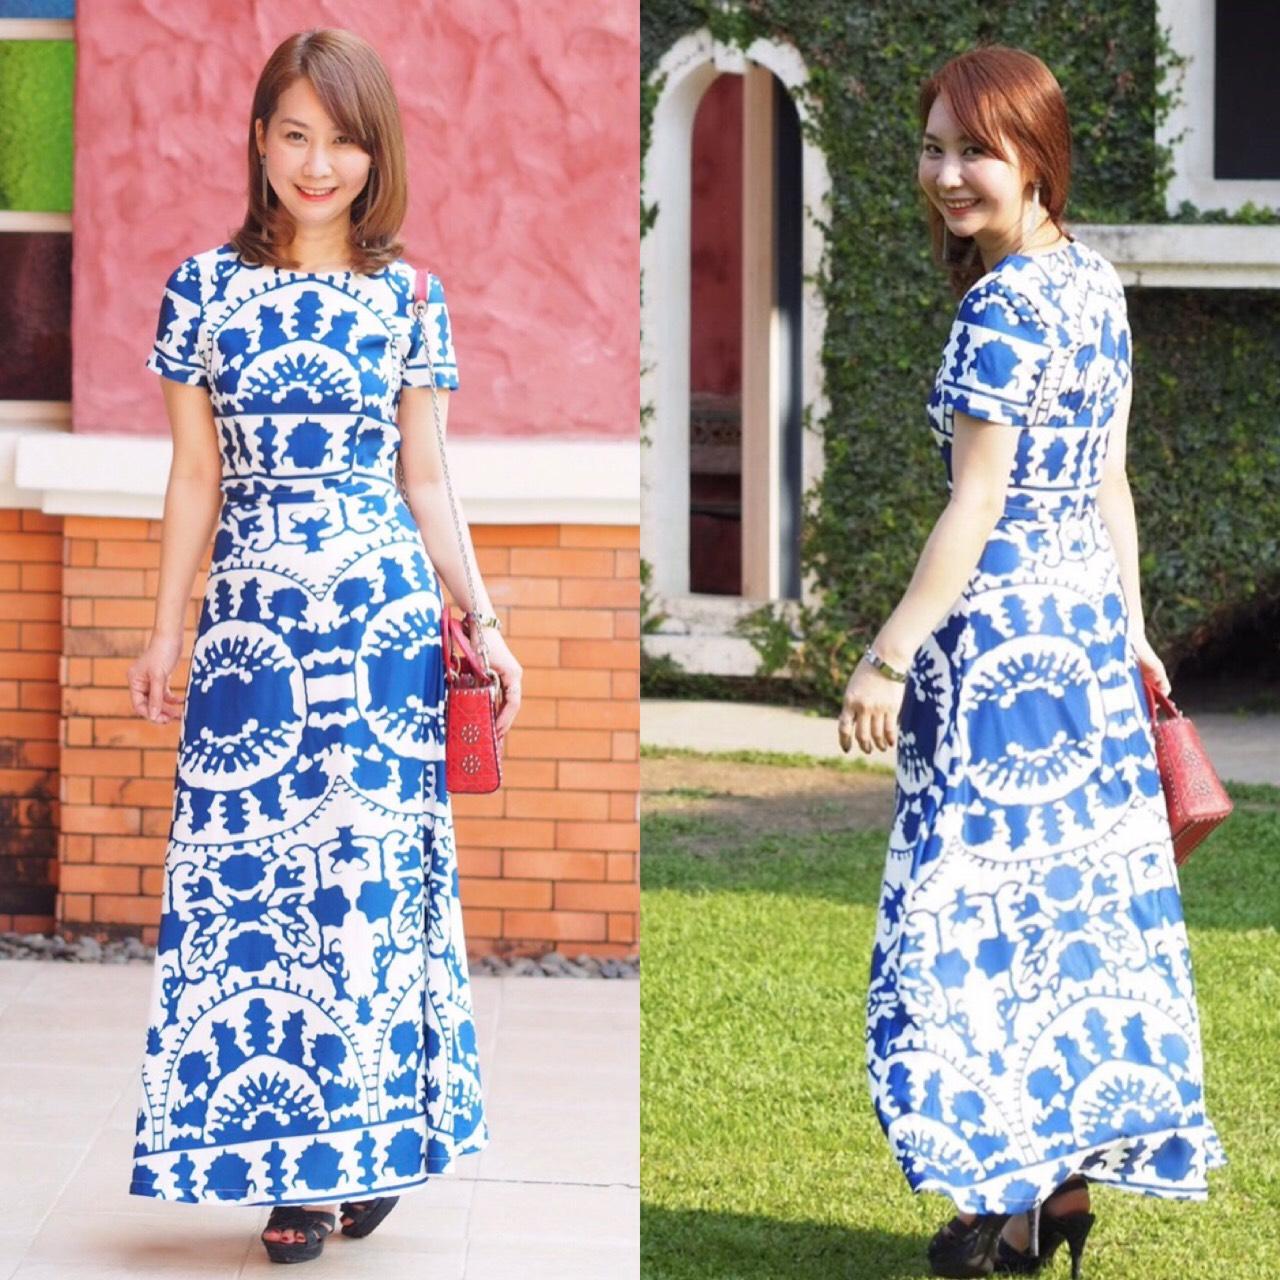 เสื้อผ้าเกาหลี พร้อมส่ง เสื้อ กับ กระโปรง โทนสีน้ำเงิน